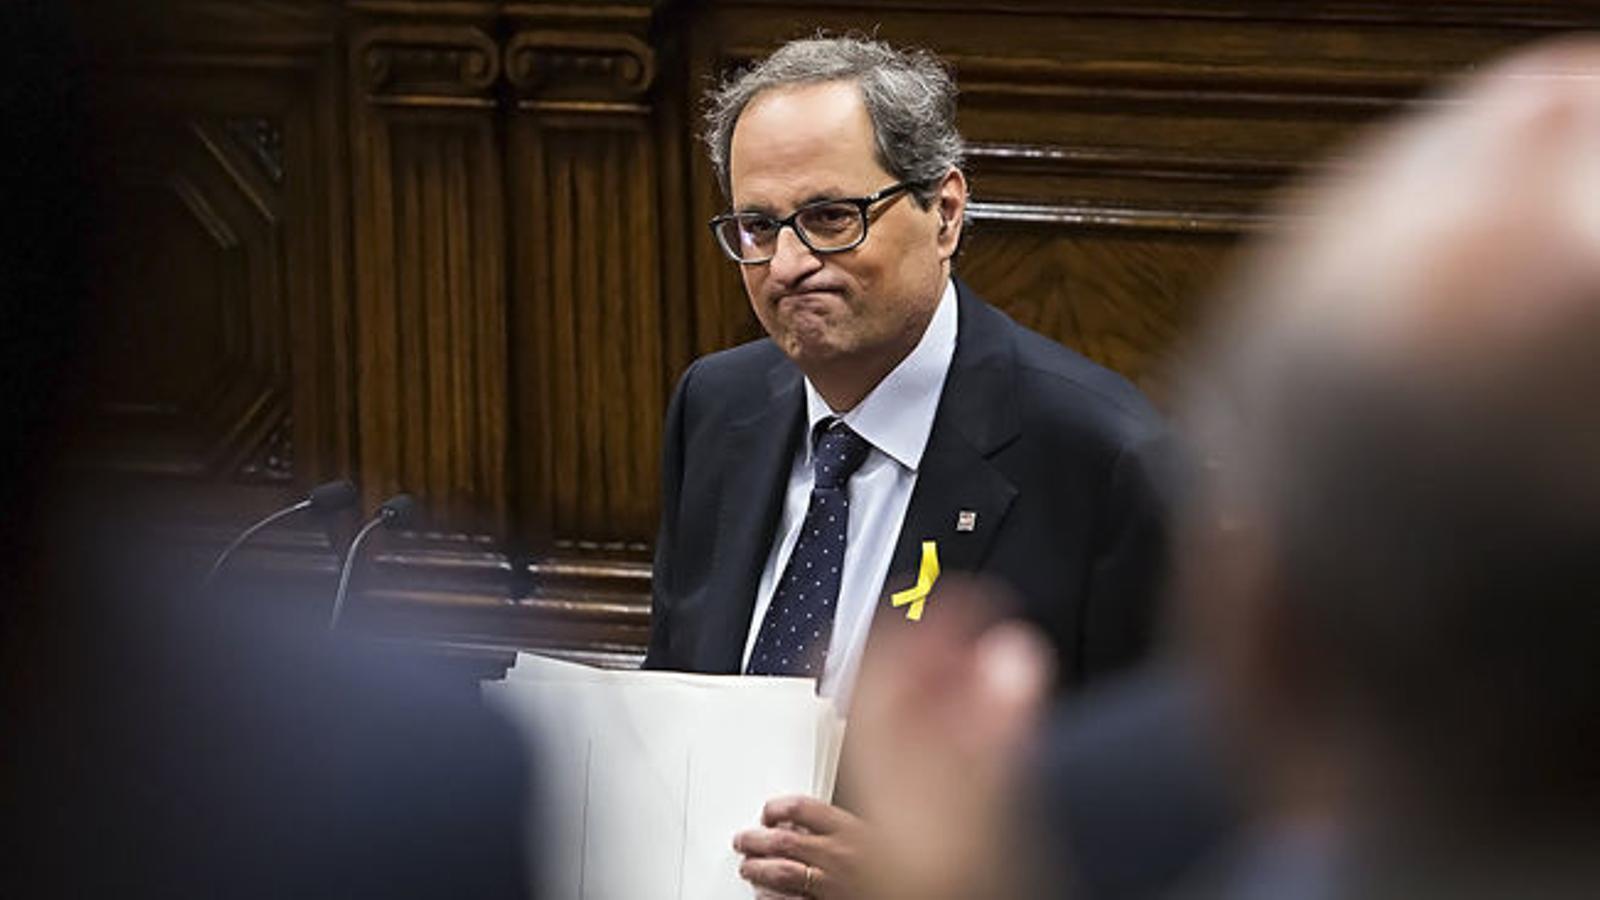 El TC adverteix Torra i tot el Govern de les conseqüències de contravenir la suspensió de les resolucions del Parlament